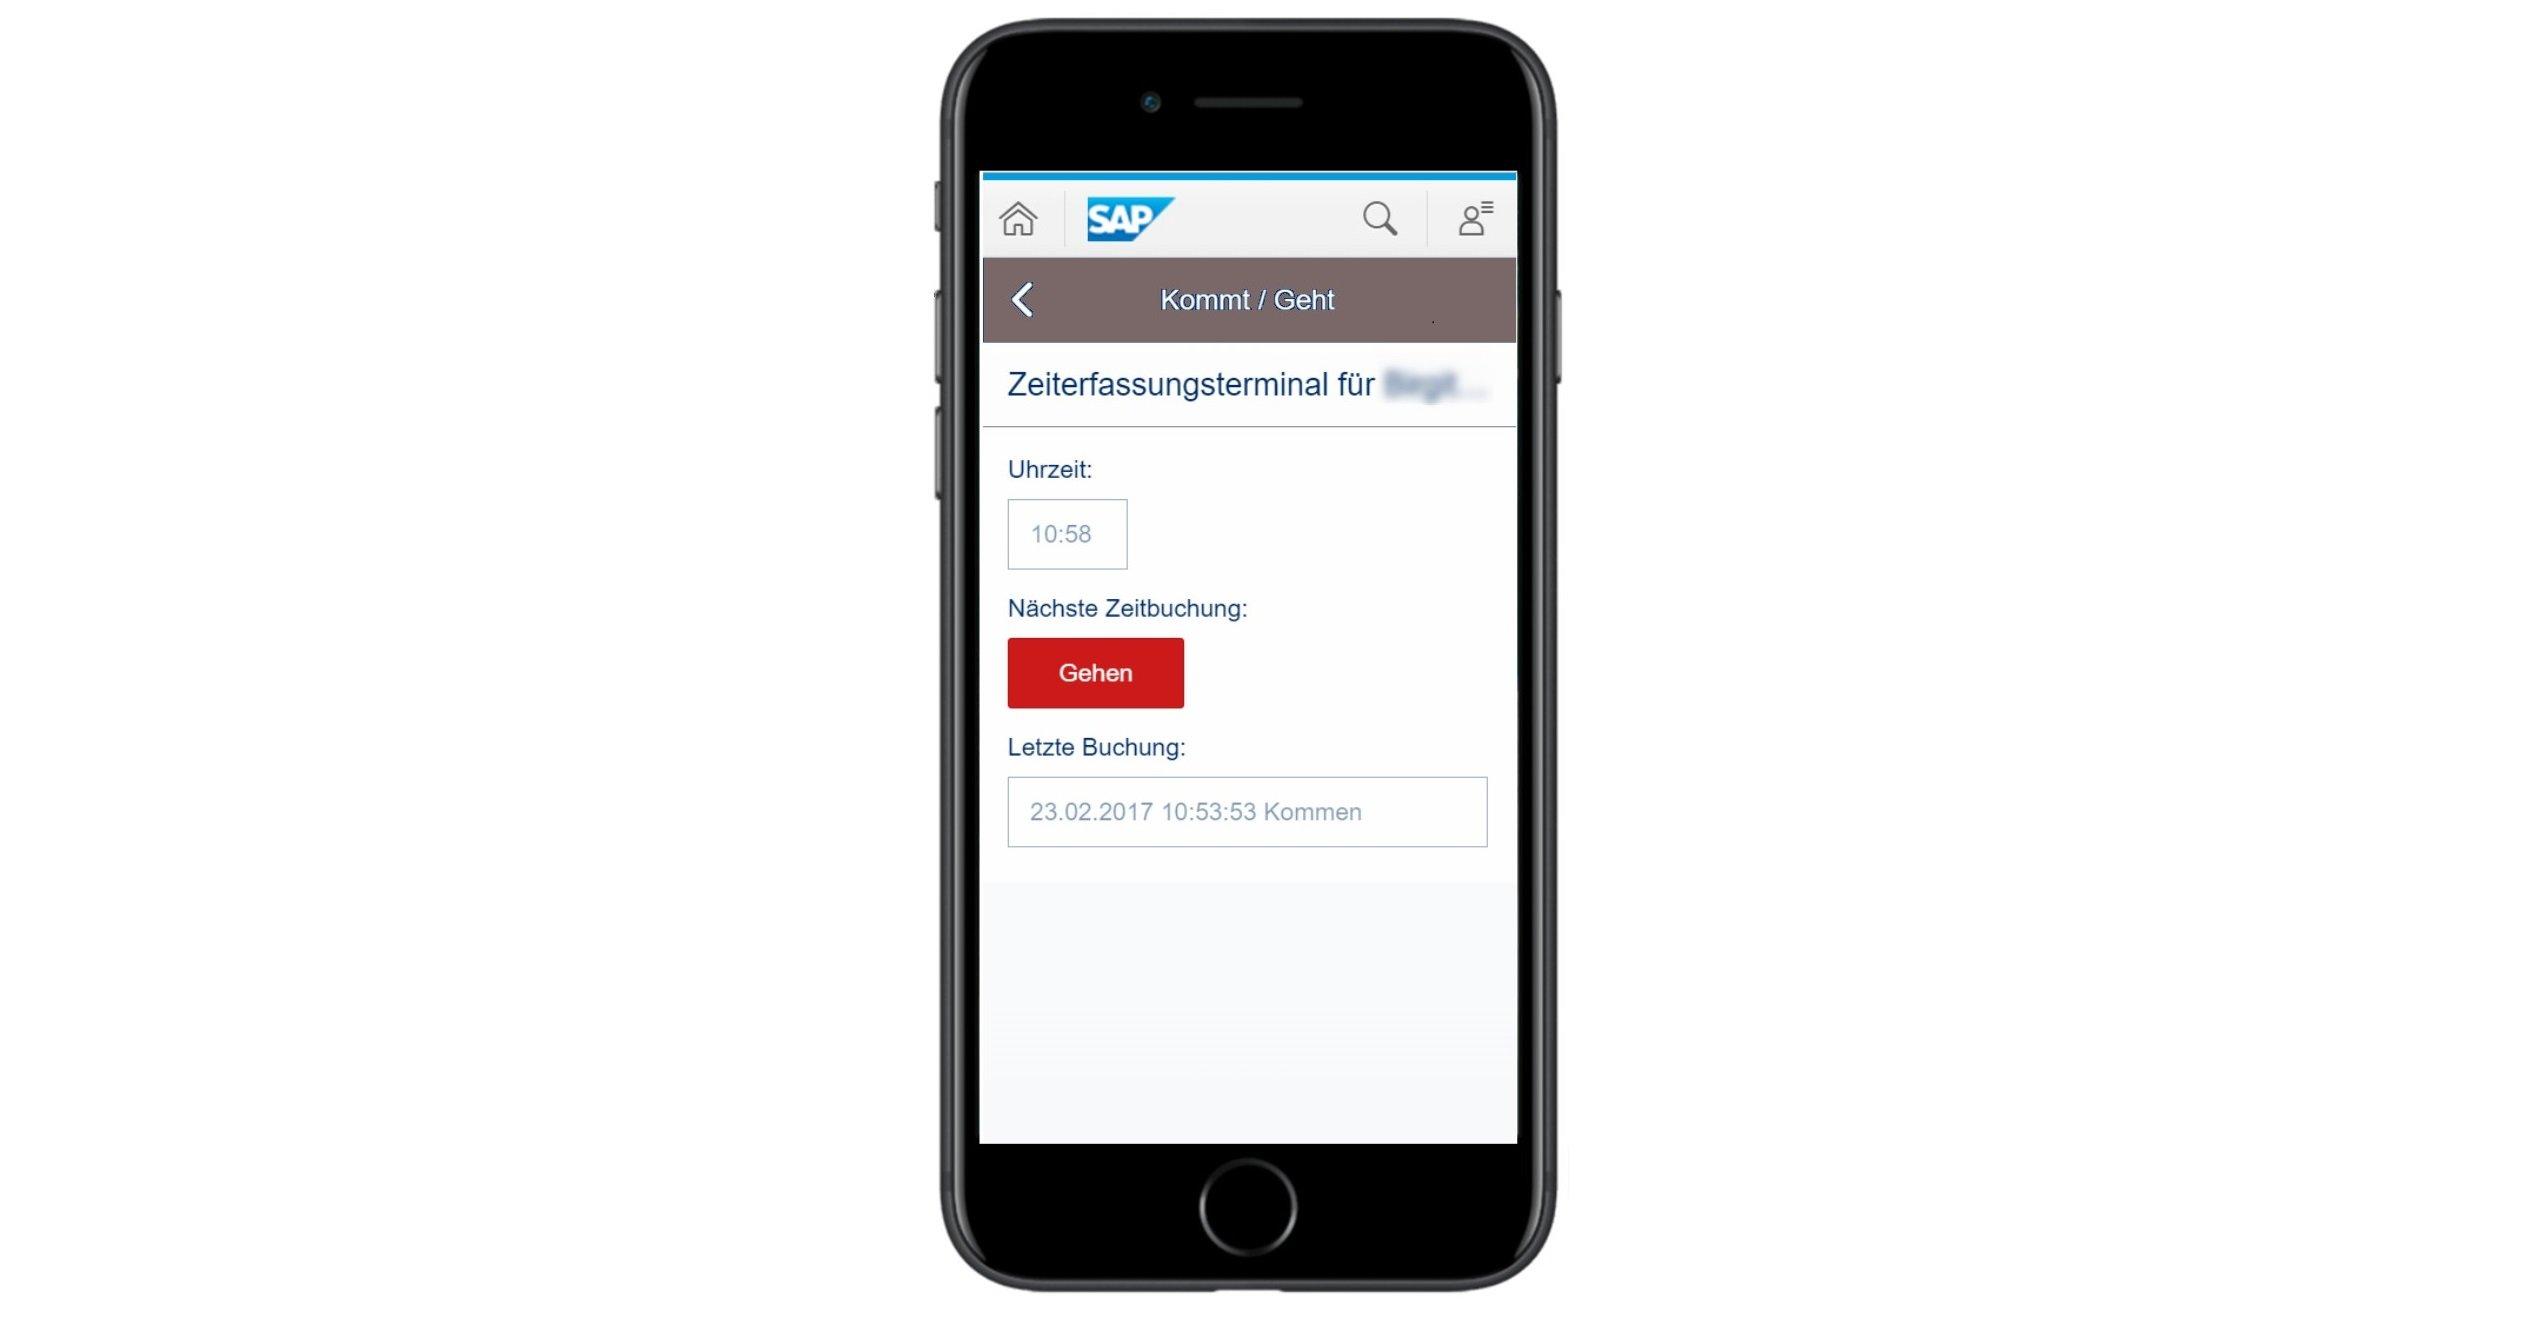 Zeiterfassungsterminal als eigenständige App